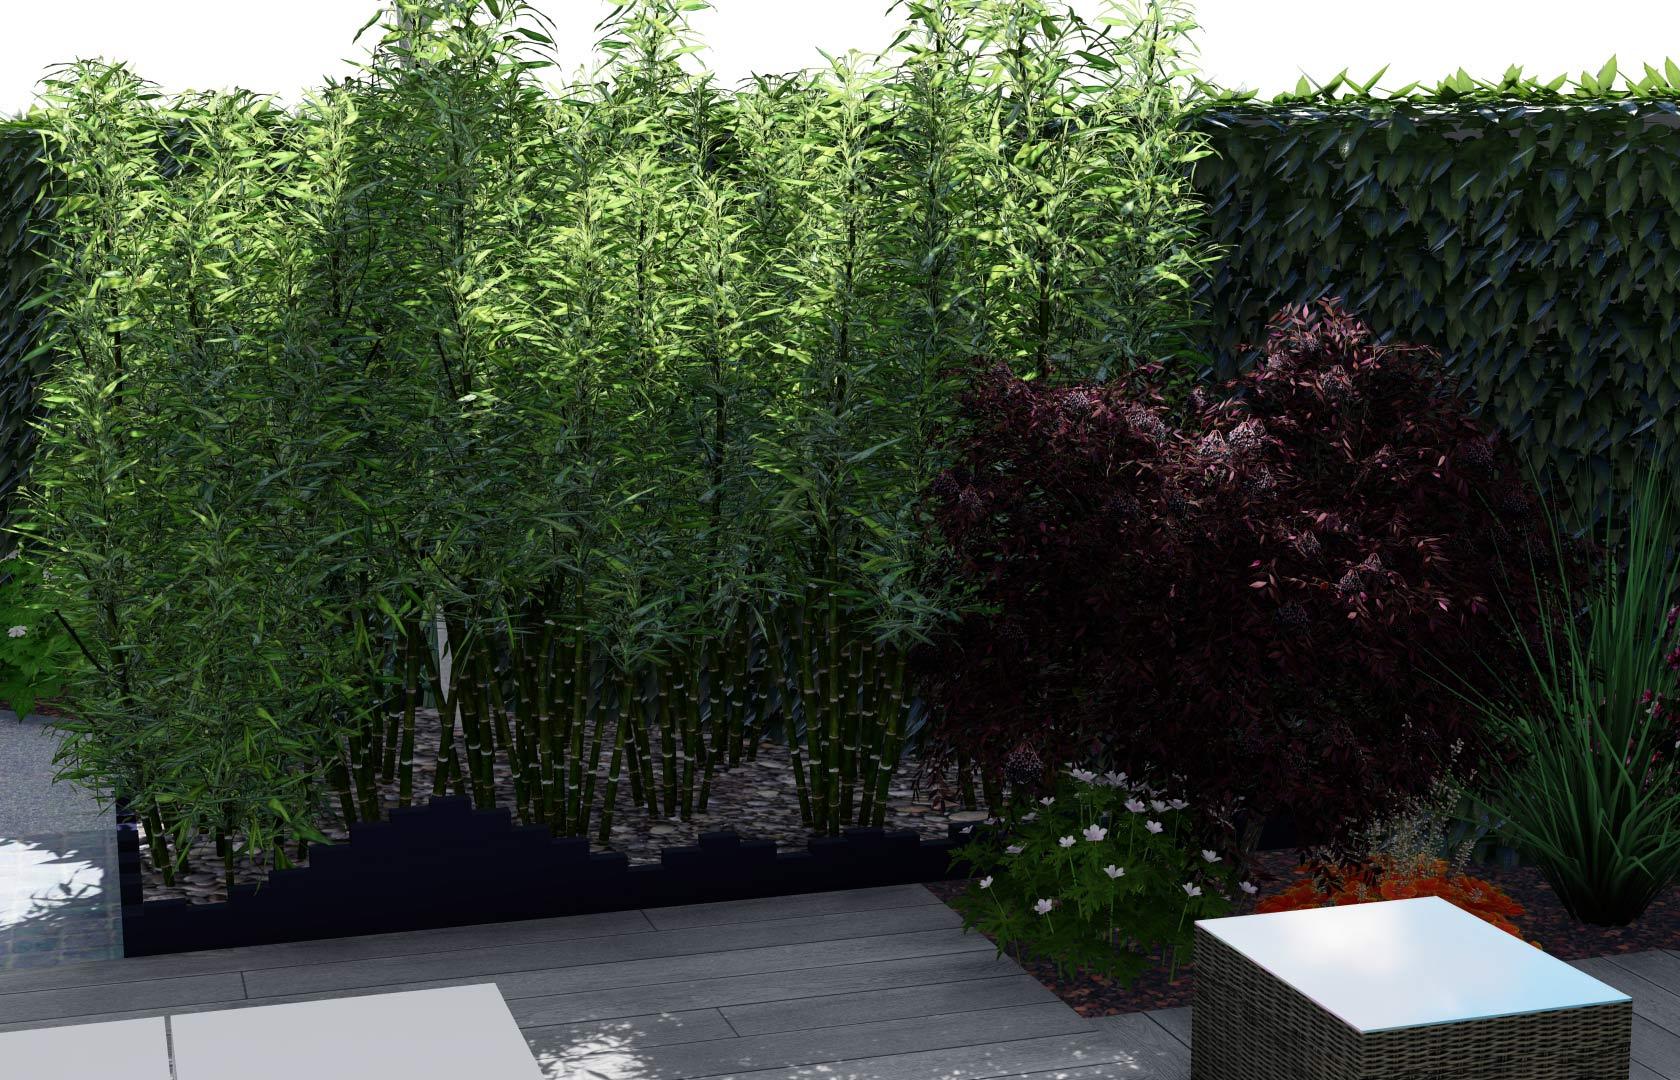 Paysagiste à la Ville aux Dames, Serrault Jardins réalise des aménagements paysagers.